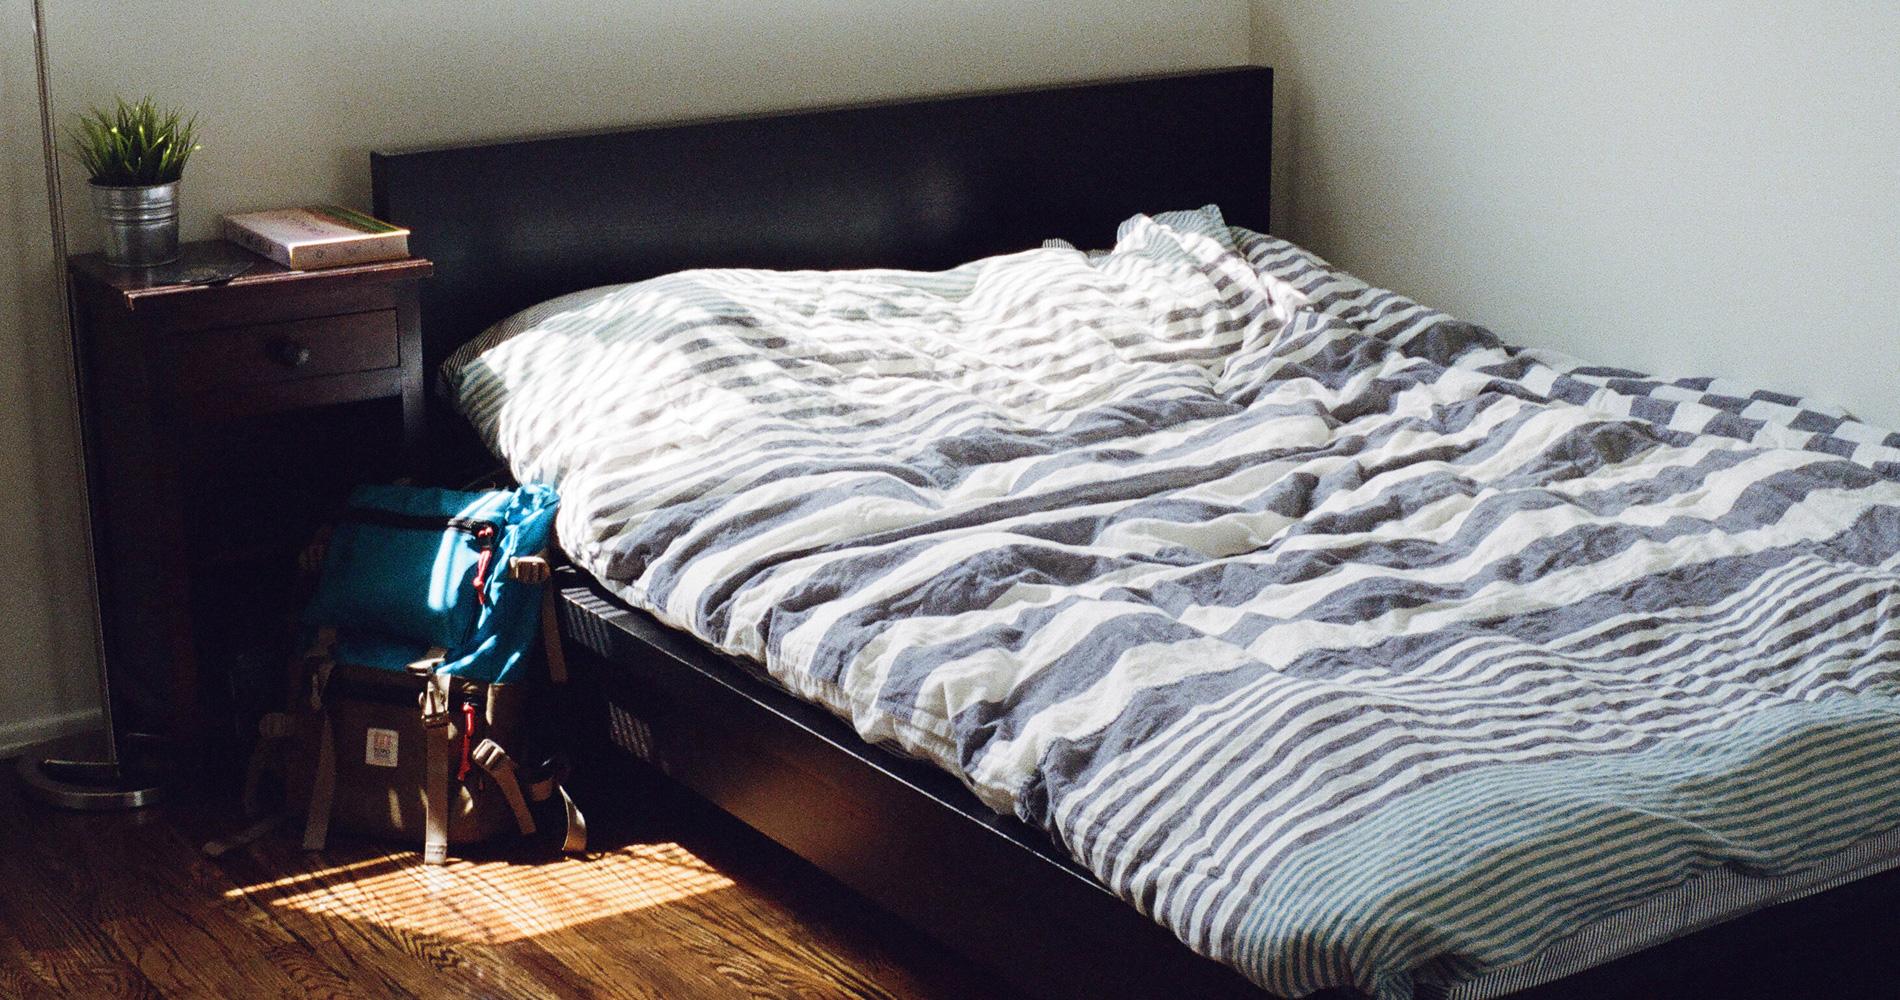 un cadavre d couvert en france dans une propri t lou e sur airbnb politique numerama. Black Bedroom Furniture Sets. Home Design Ideas